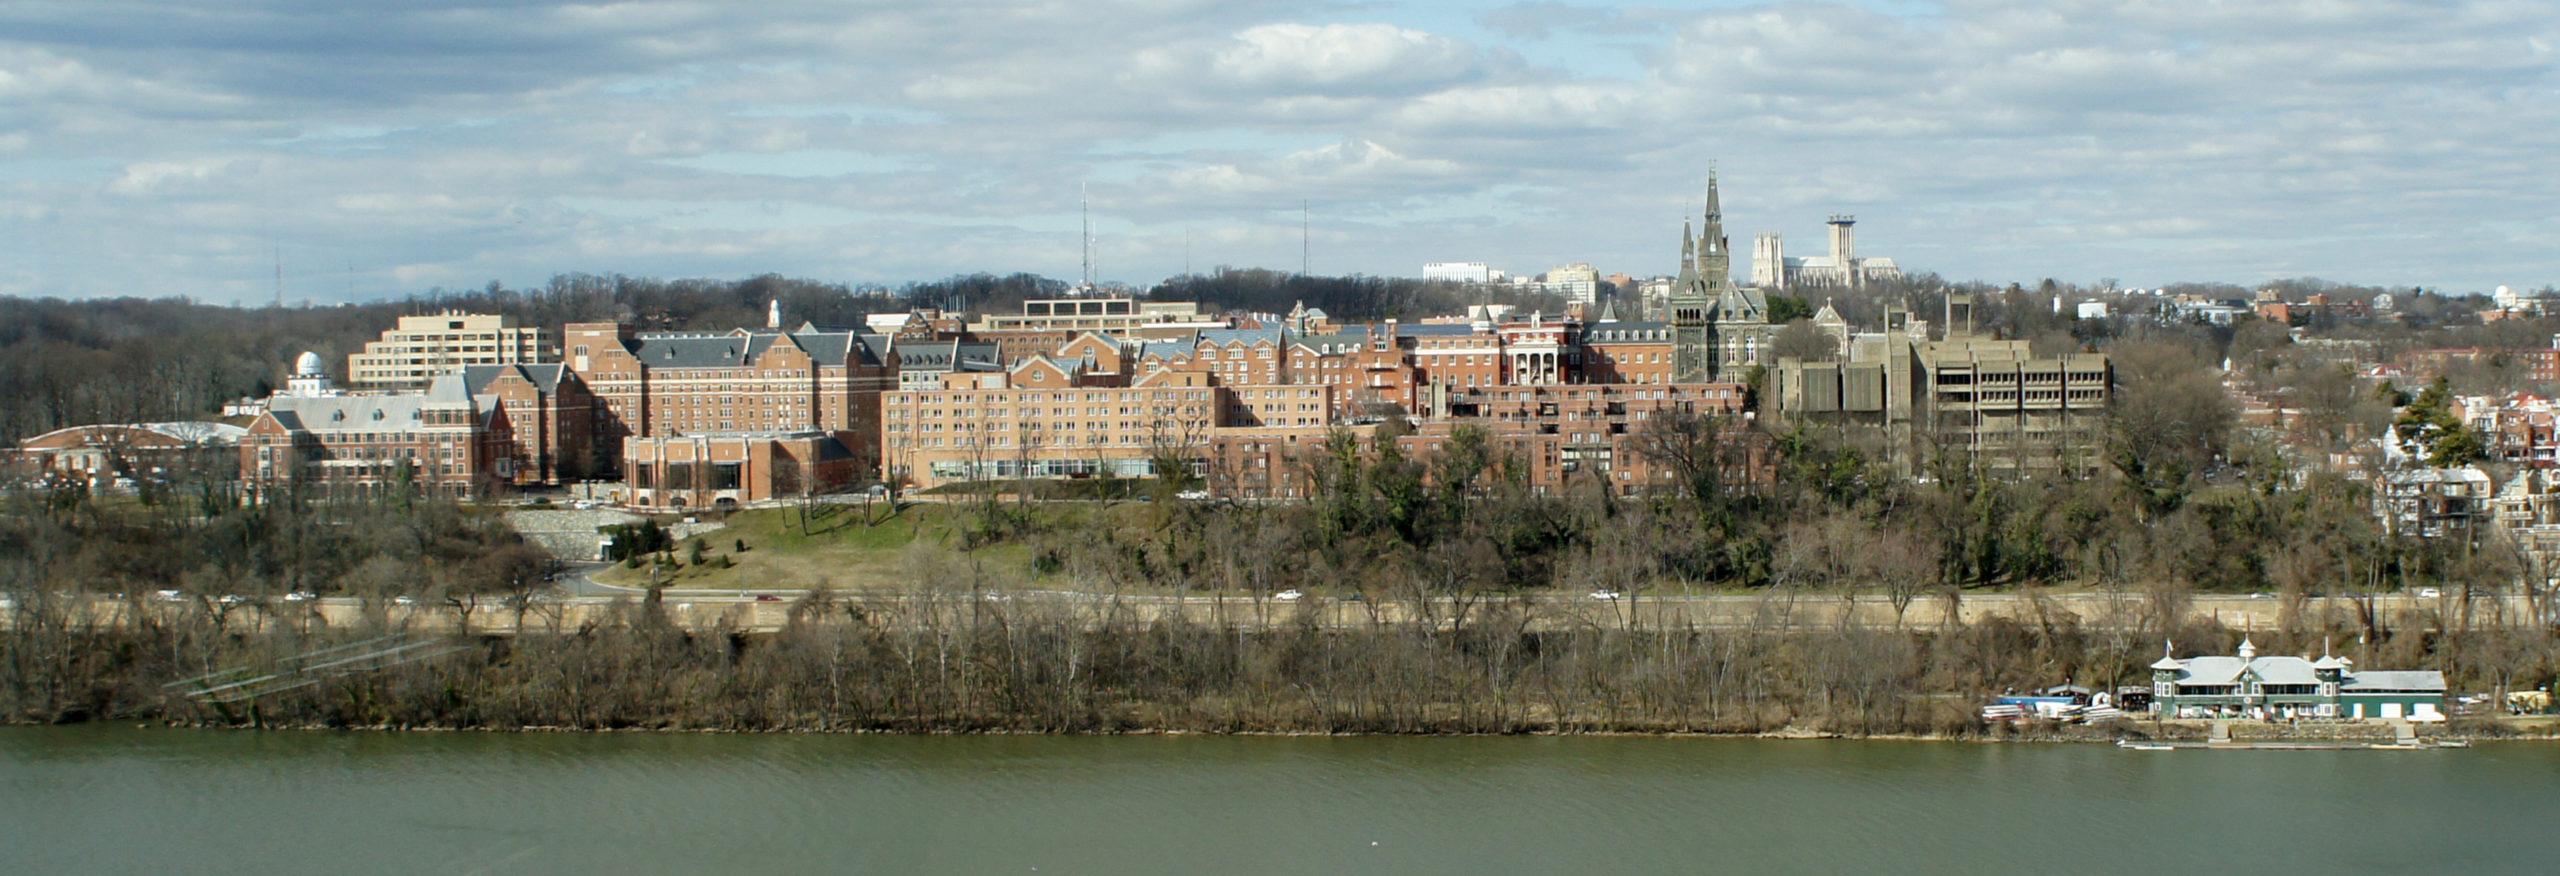 Conheça a Universidade Georgetown, a melhor de Washington